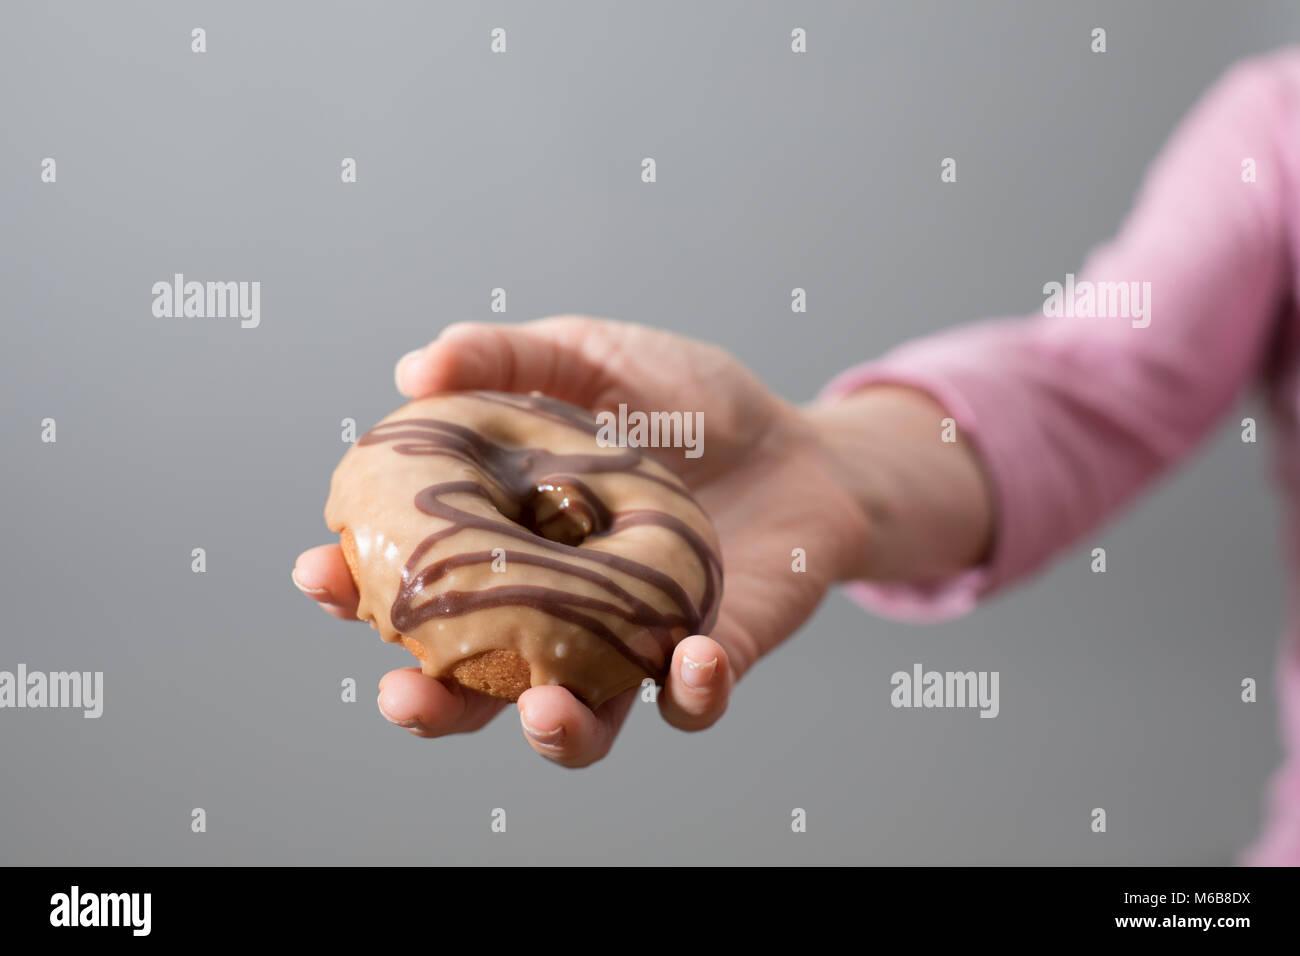 Eine weibliche Hand bietet einen Donut auf eine nahtlose grauer Hintergrund Stockbild